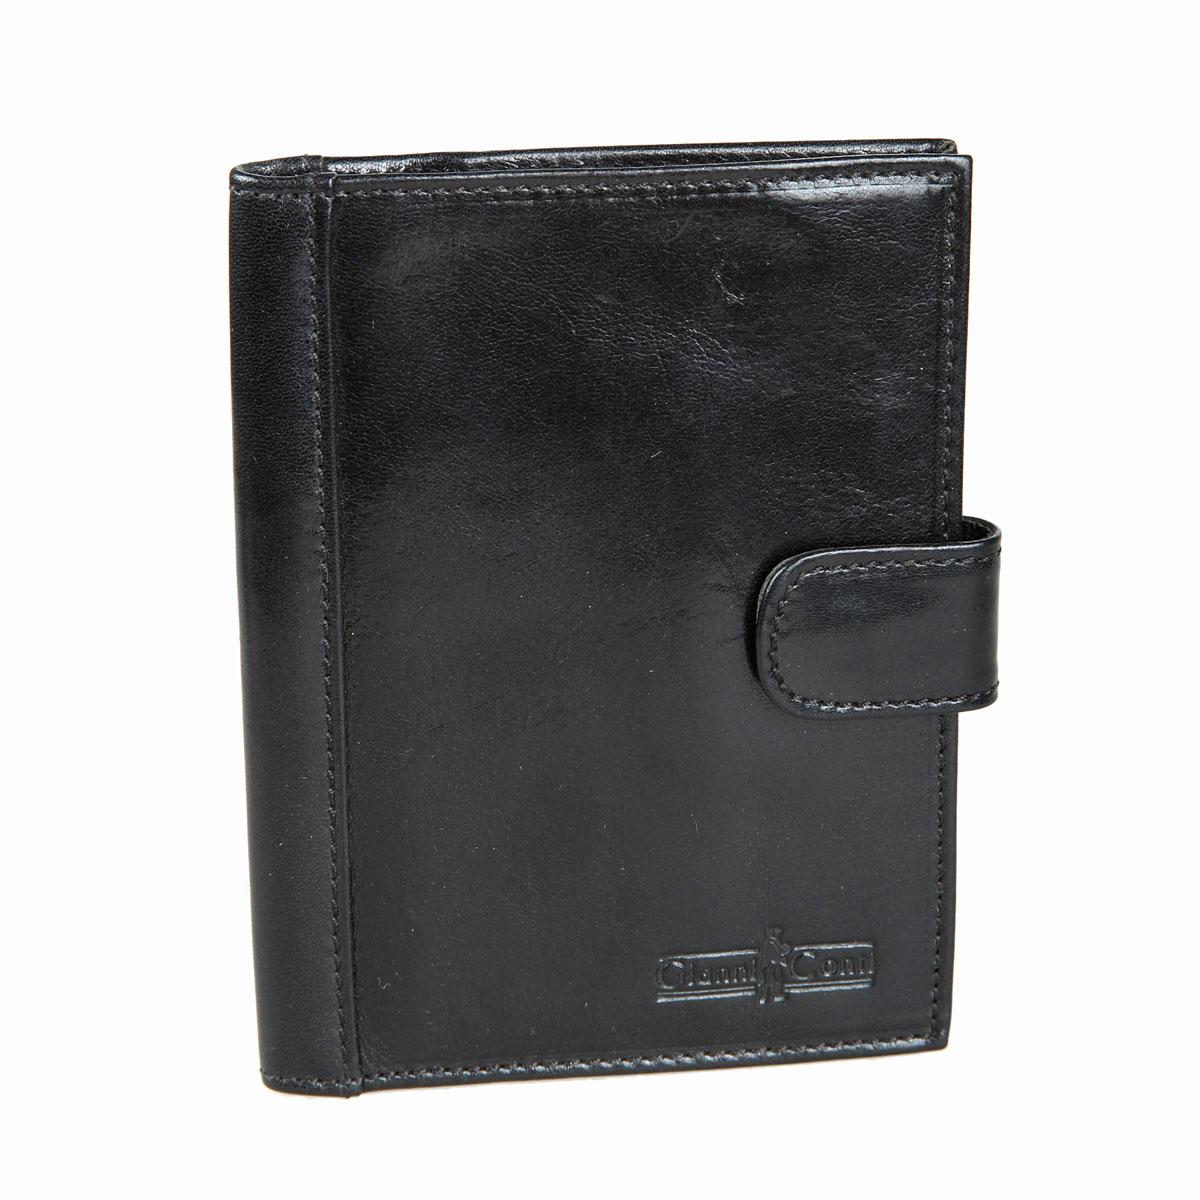 Обложка для паспорта мужская Gianni Conti, цвет: черный. 907035907035Стильная обложка для паспорта Gianni Conti выполнена из натуральной кожи глянцевой текстурой. Обложка оформлена декоративной строчкой и выбитым клеймом с изображением логотипа названия бренда. Изделие раскладывается пополам и закрывается на хлястик с кнопкой, внутри расположены шесть карманов для визитных или пластиковых карт, два накладных кармана для документов и карман-стенка для паспорта. Элегантная обложка Gianni Conti не только поможет сохранить внешний вид ваших документов и защитит их от повреждений, но и станет стильным аксессуаром, идеально подходящим вашему образу.